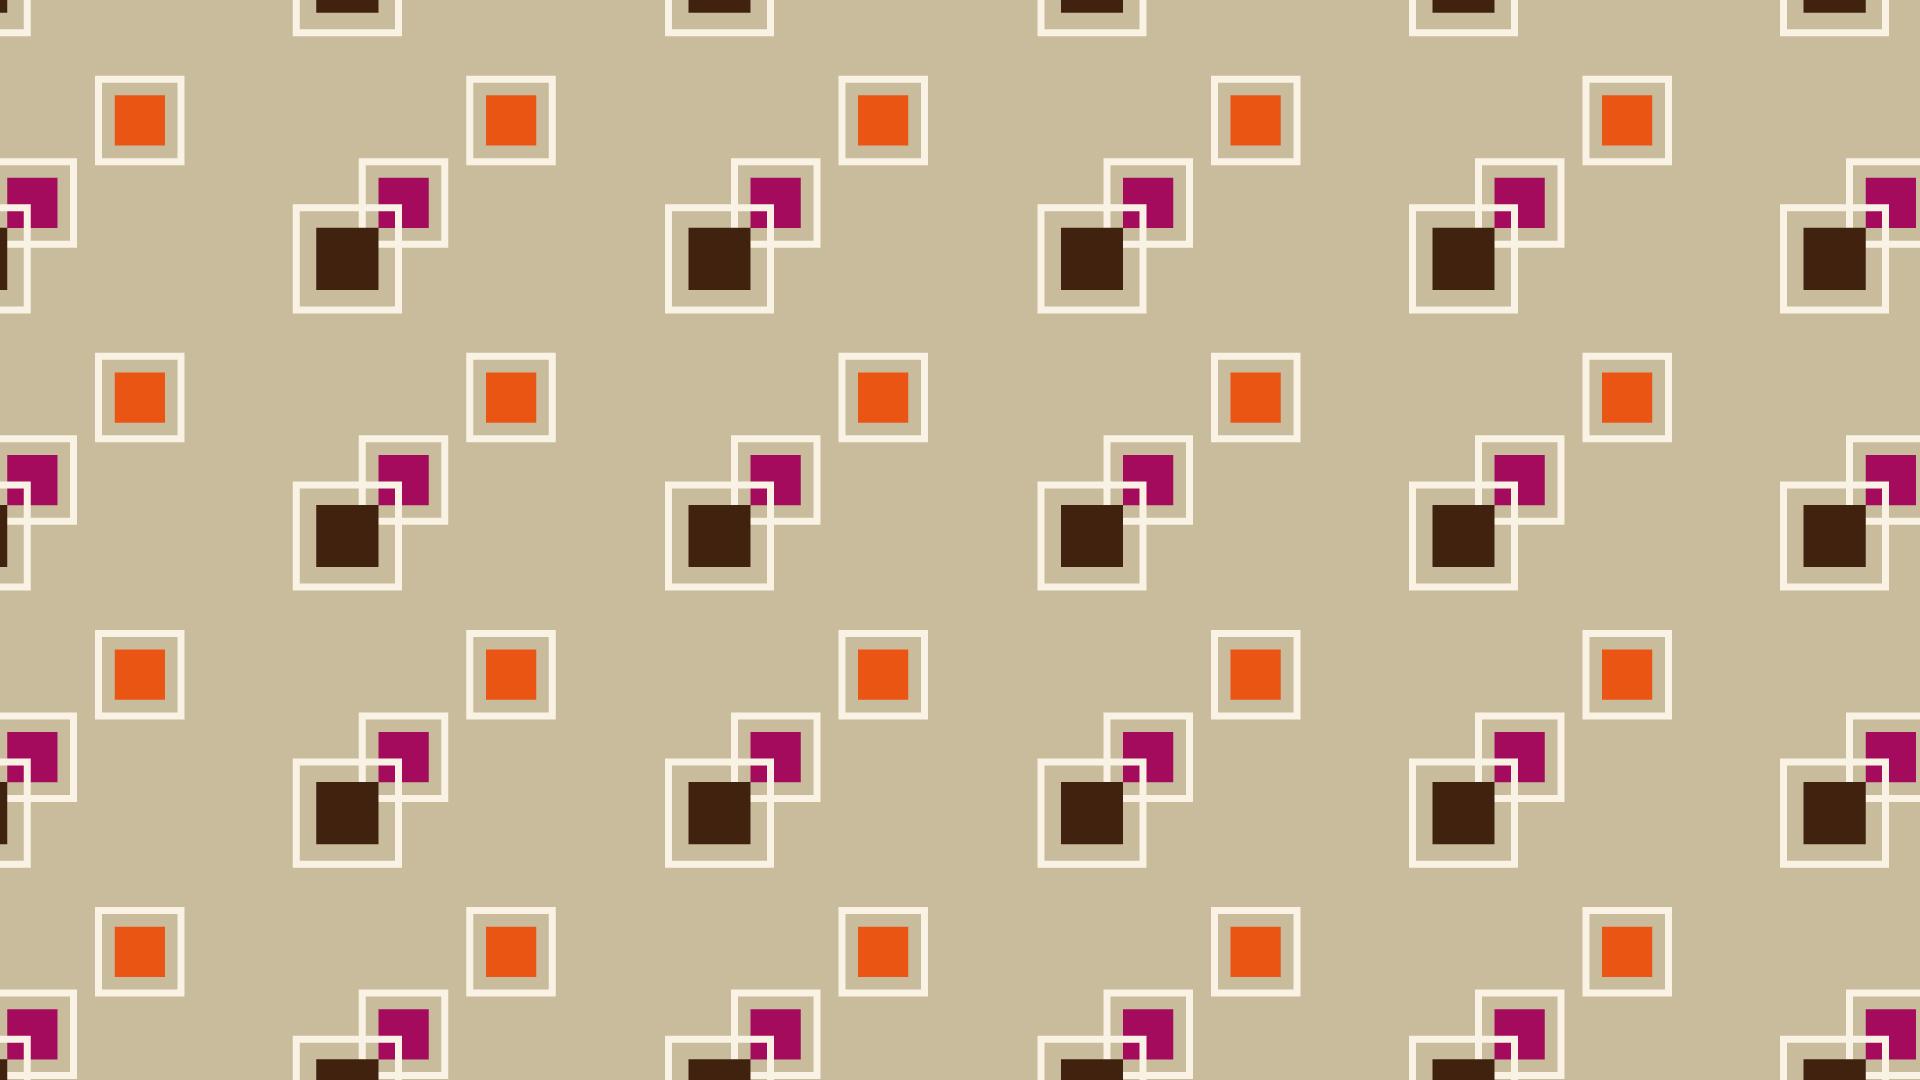 四角い模様とパステル調の壁紙・背景素材 1,920px×1,080px